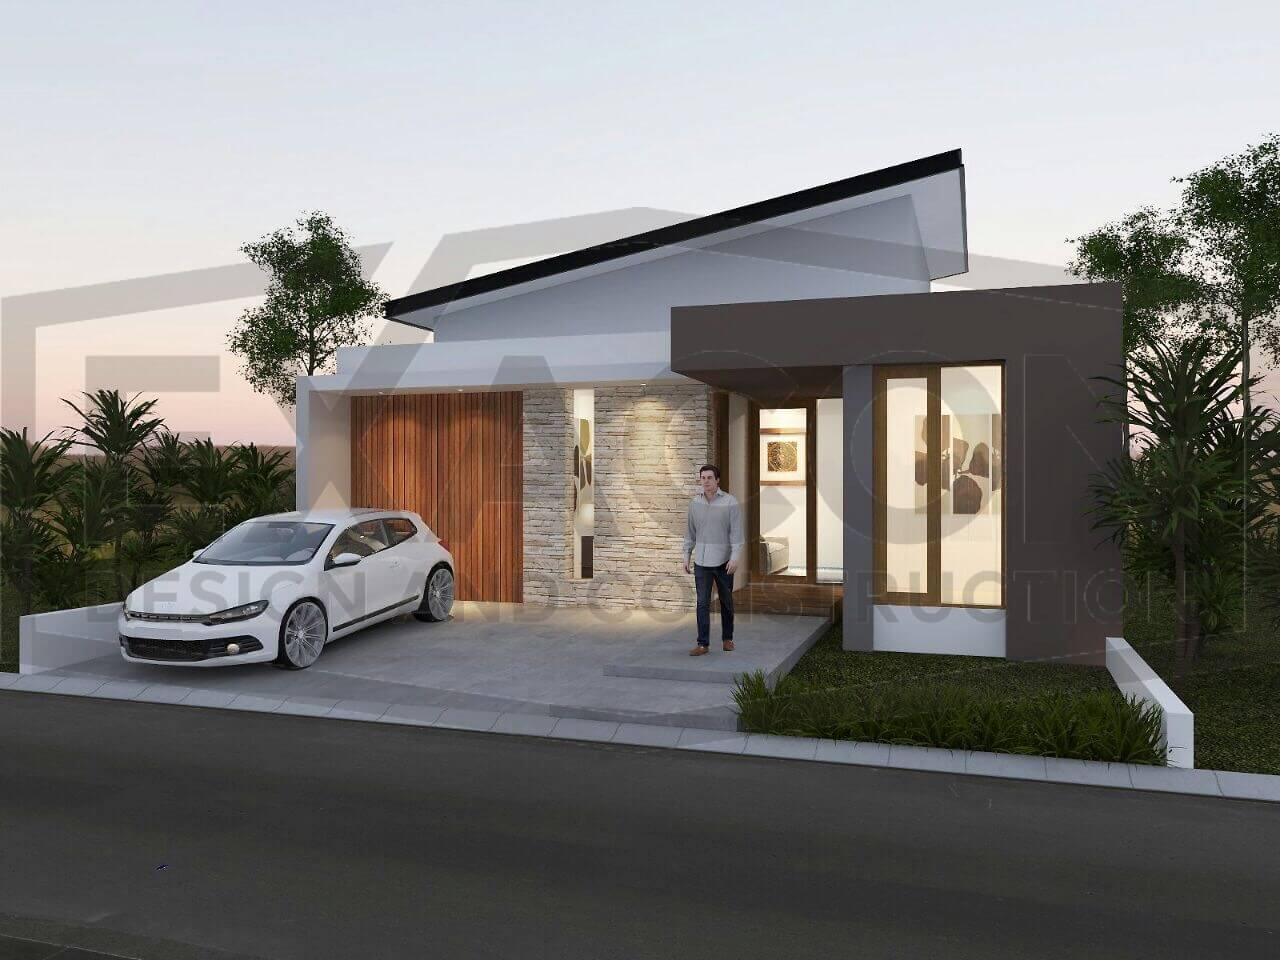 Proyek Desain Rumah Minimalis Ibu Ghania Bogor